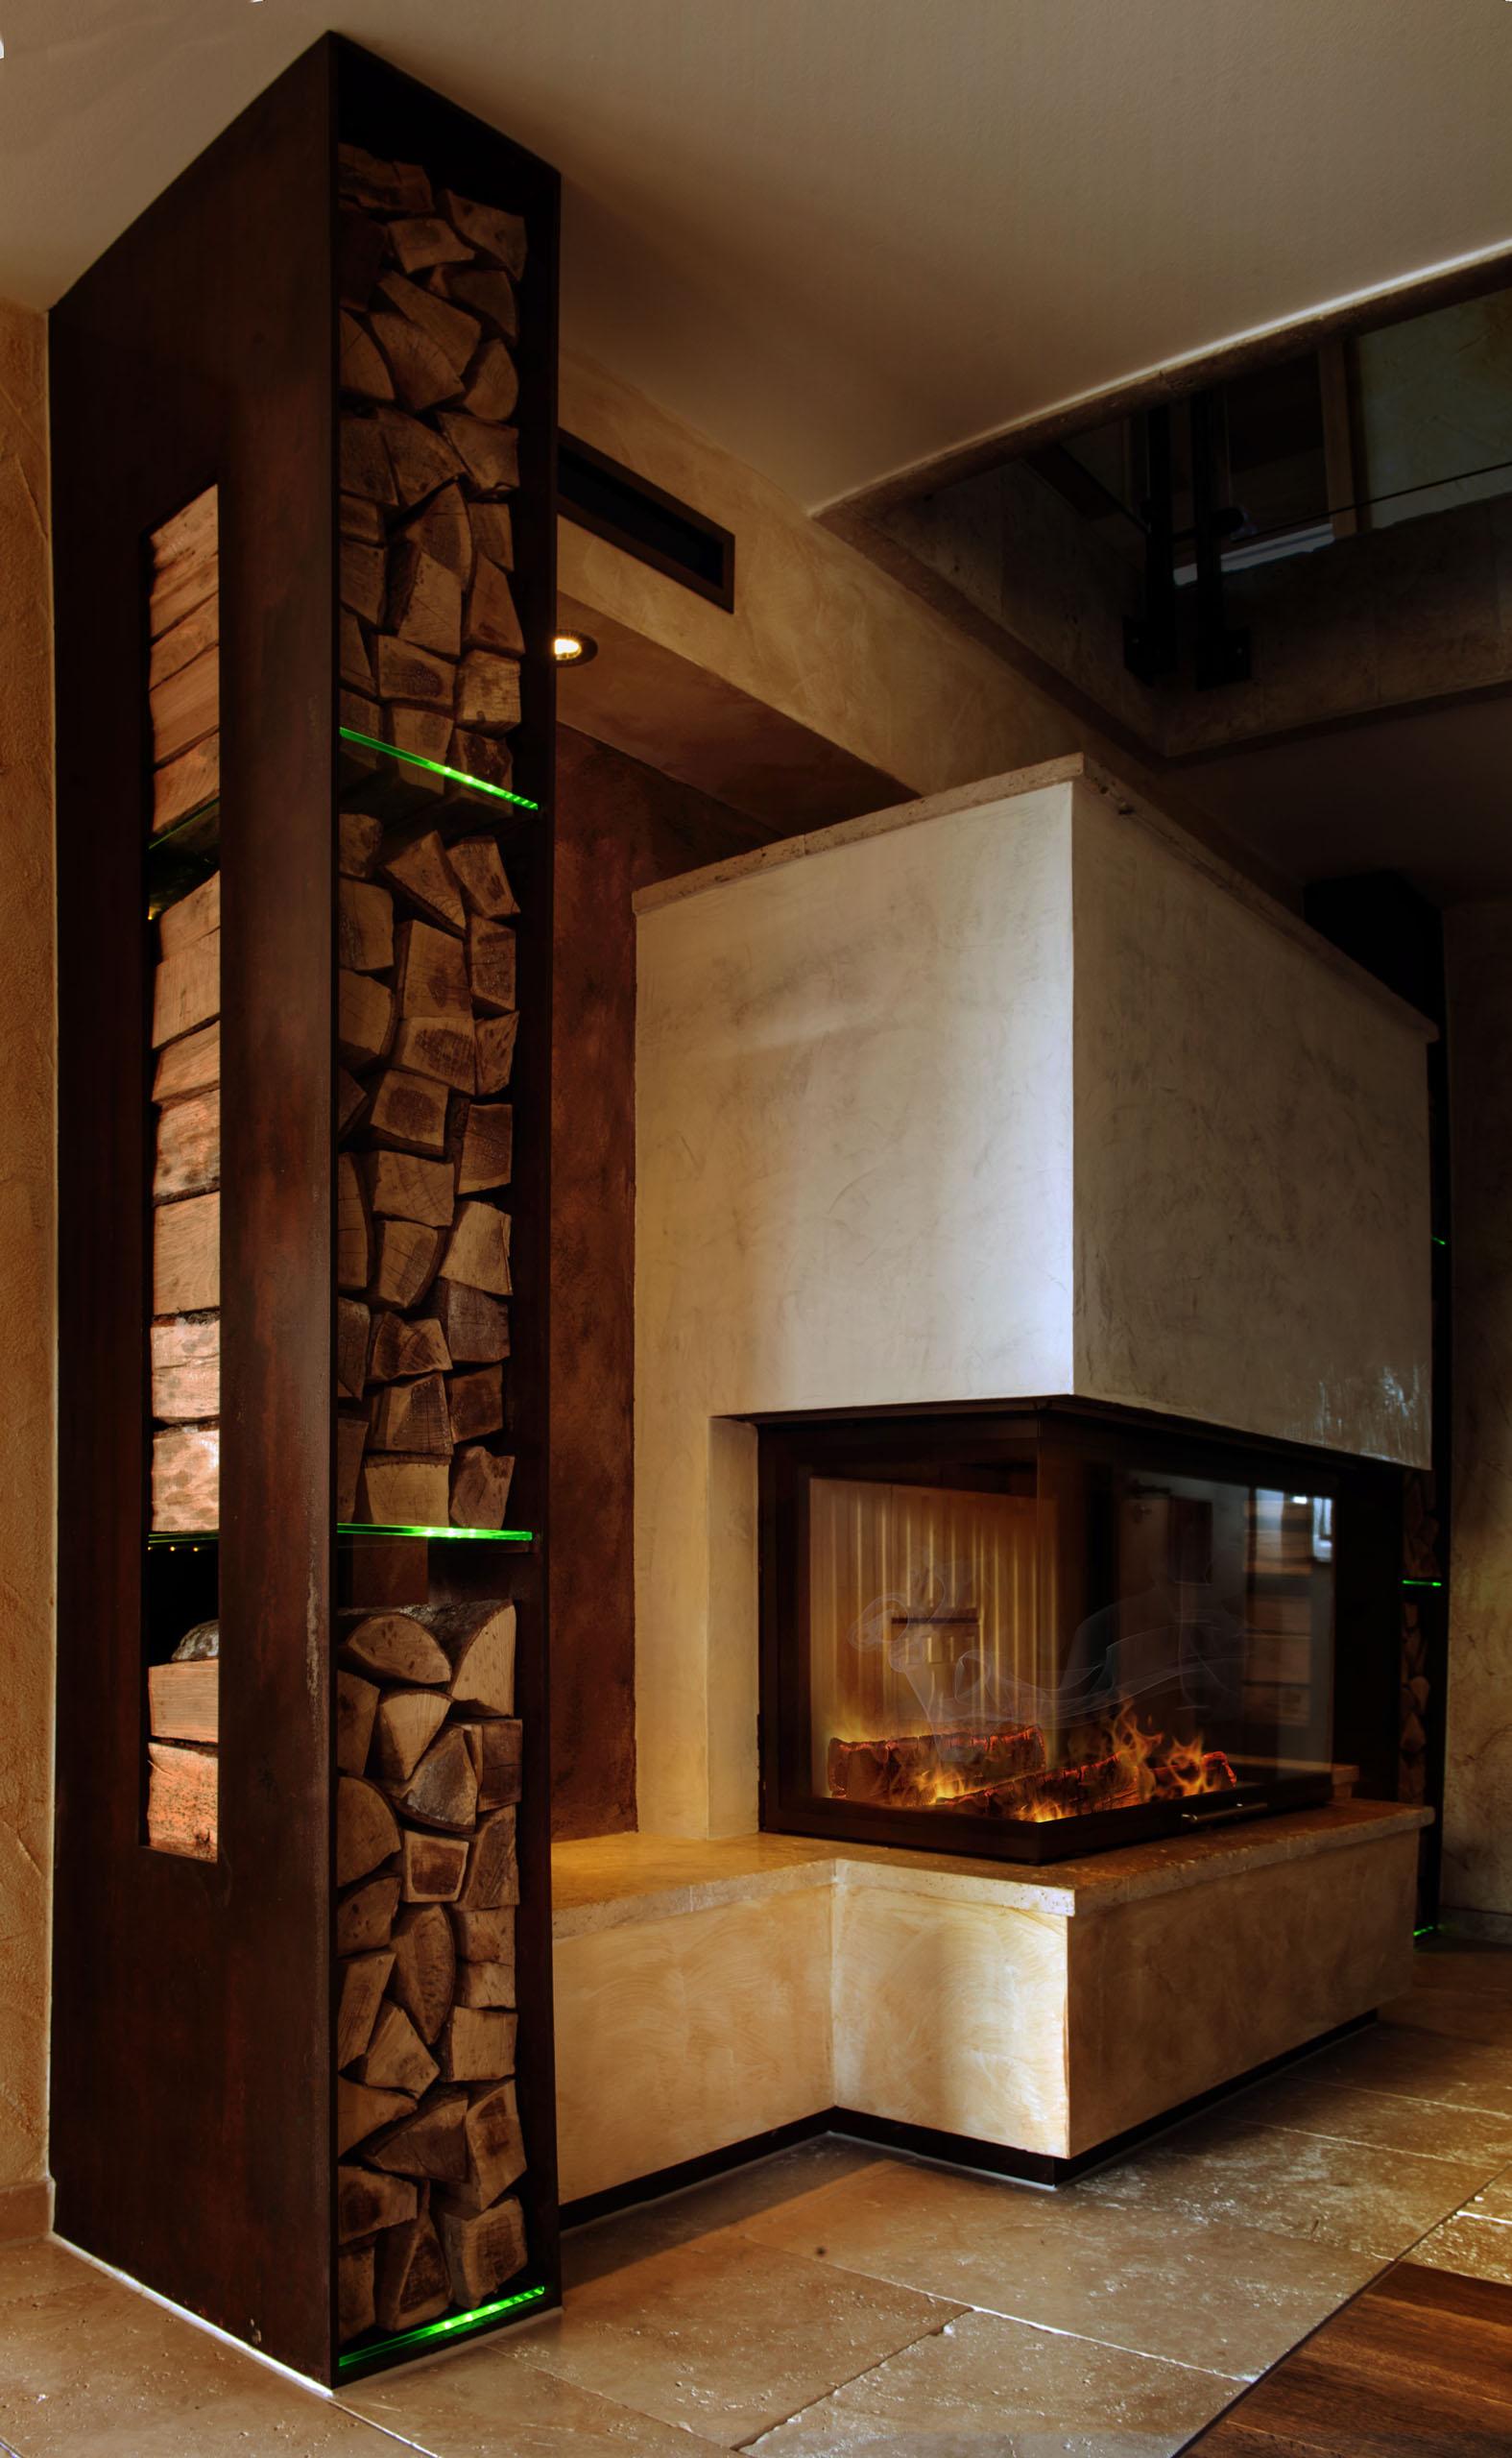 Full Size of Holzlege Cortenstahl Kamin Und Ofengestaltung Wohnzimmer Holzlege Cortenstahl